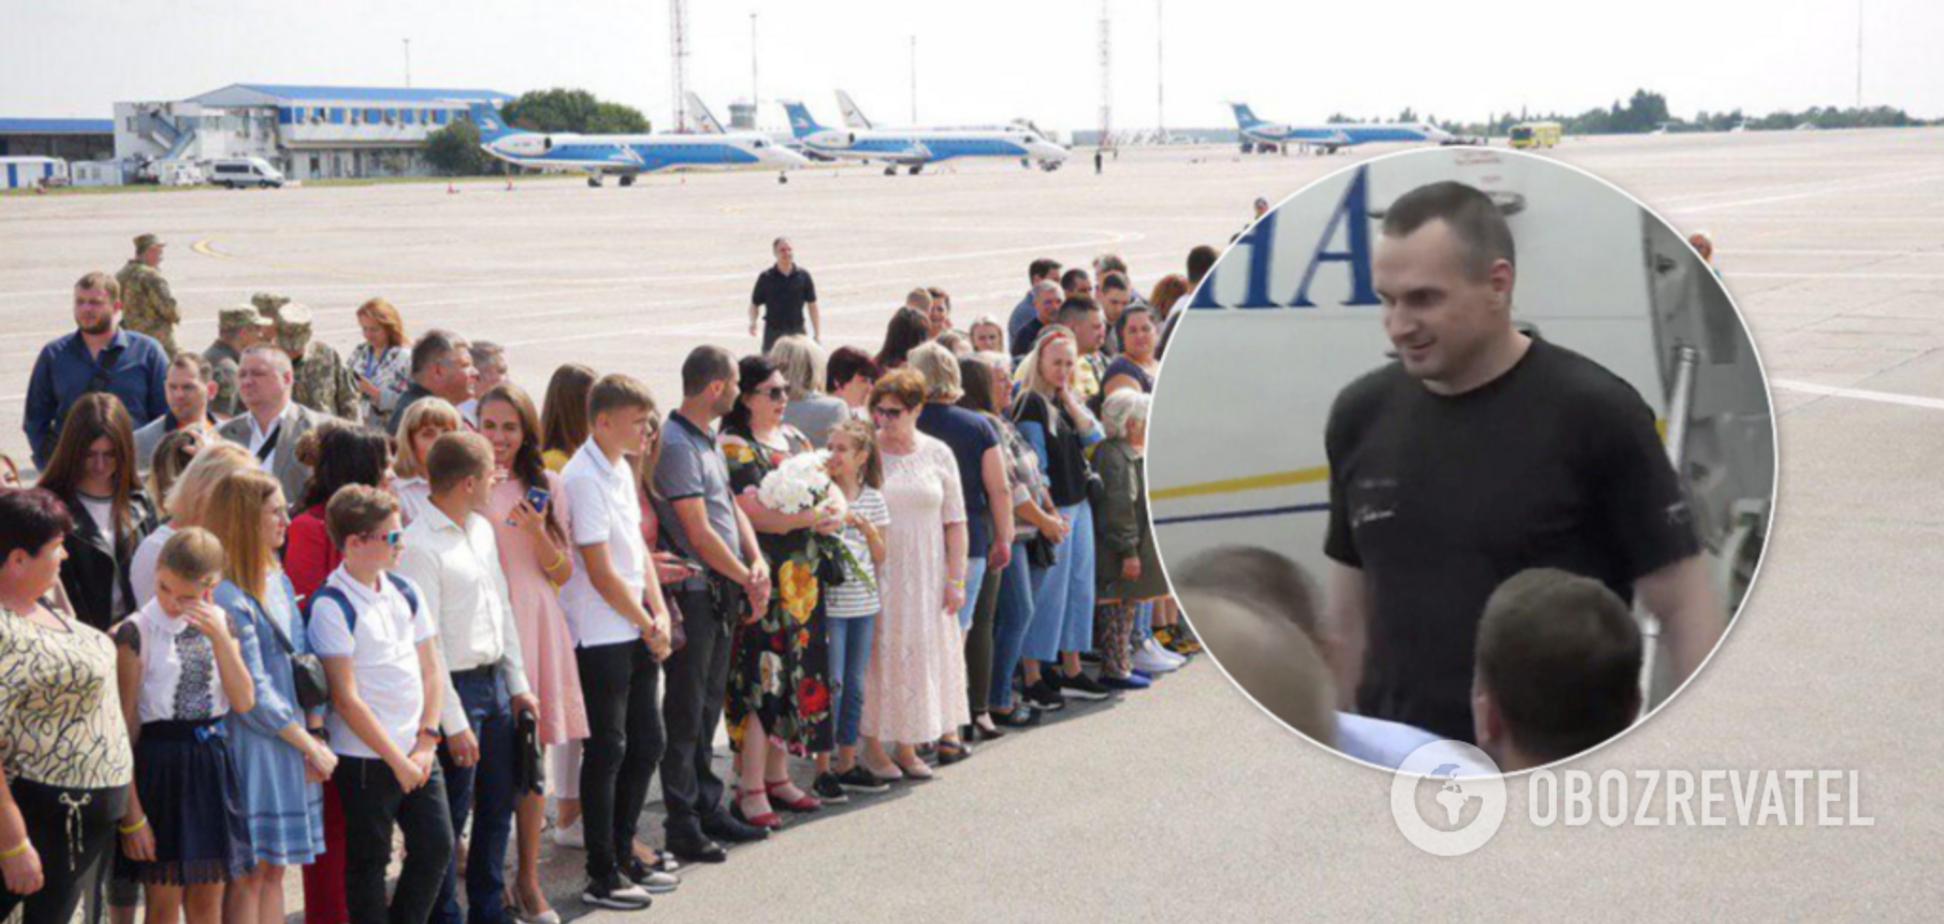 Обмін відбувся: українці прилетіли в 'Бориспіль'